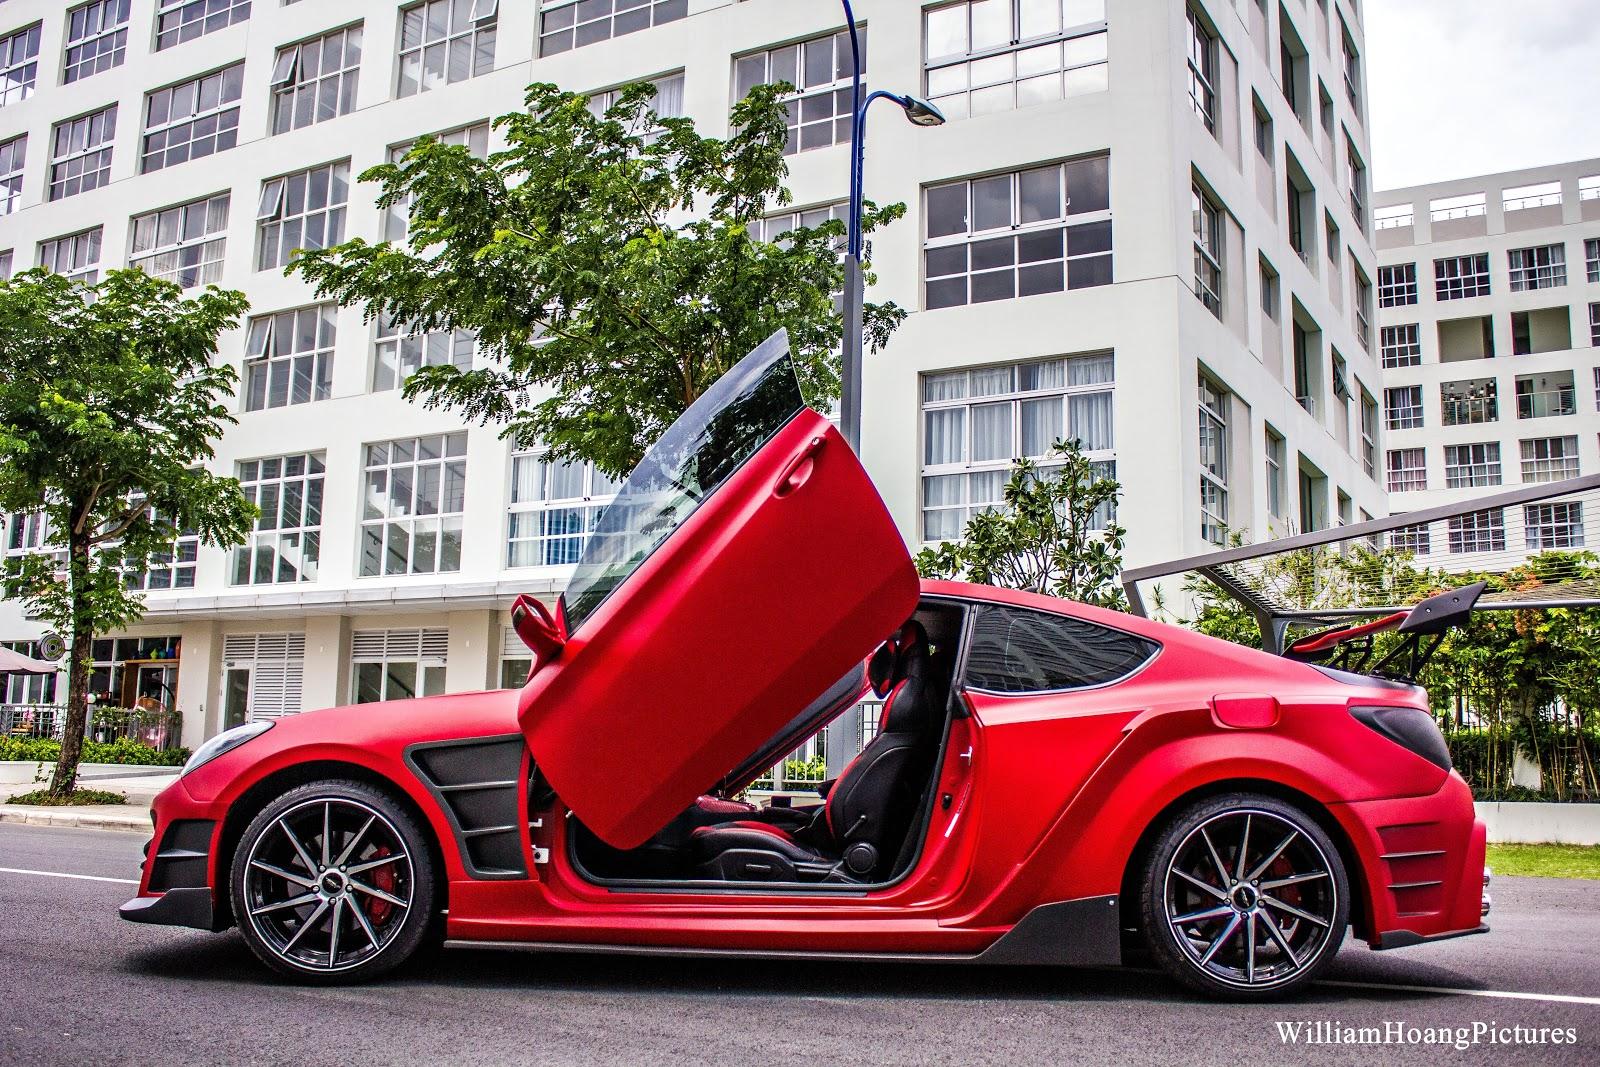 Phong cách, đường nét, mâm xe, đuôi xe đã được nâng tầm mới...một siêu xe thứ thiệt